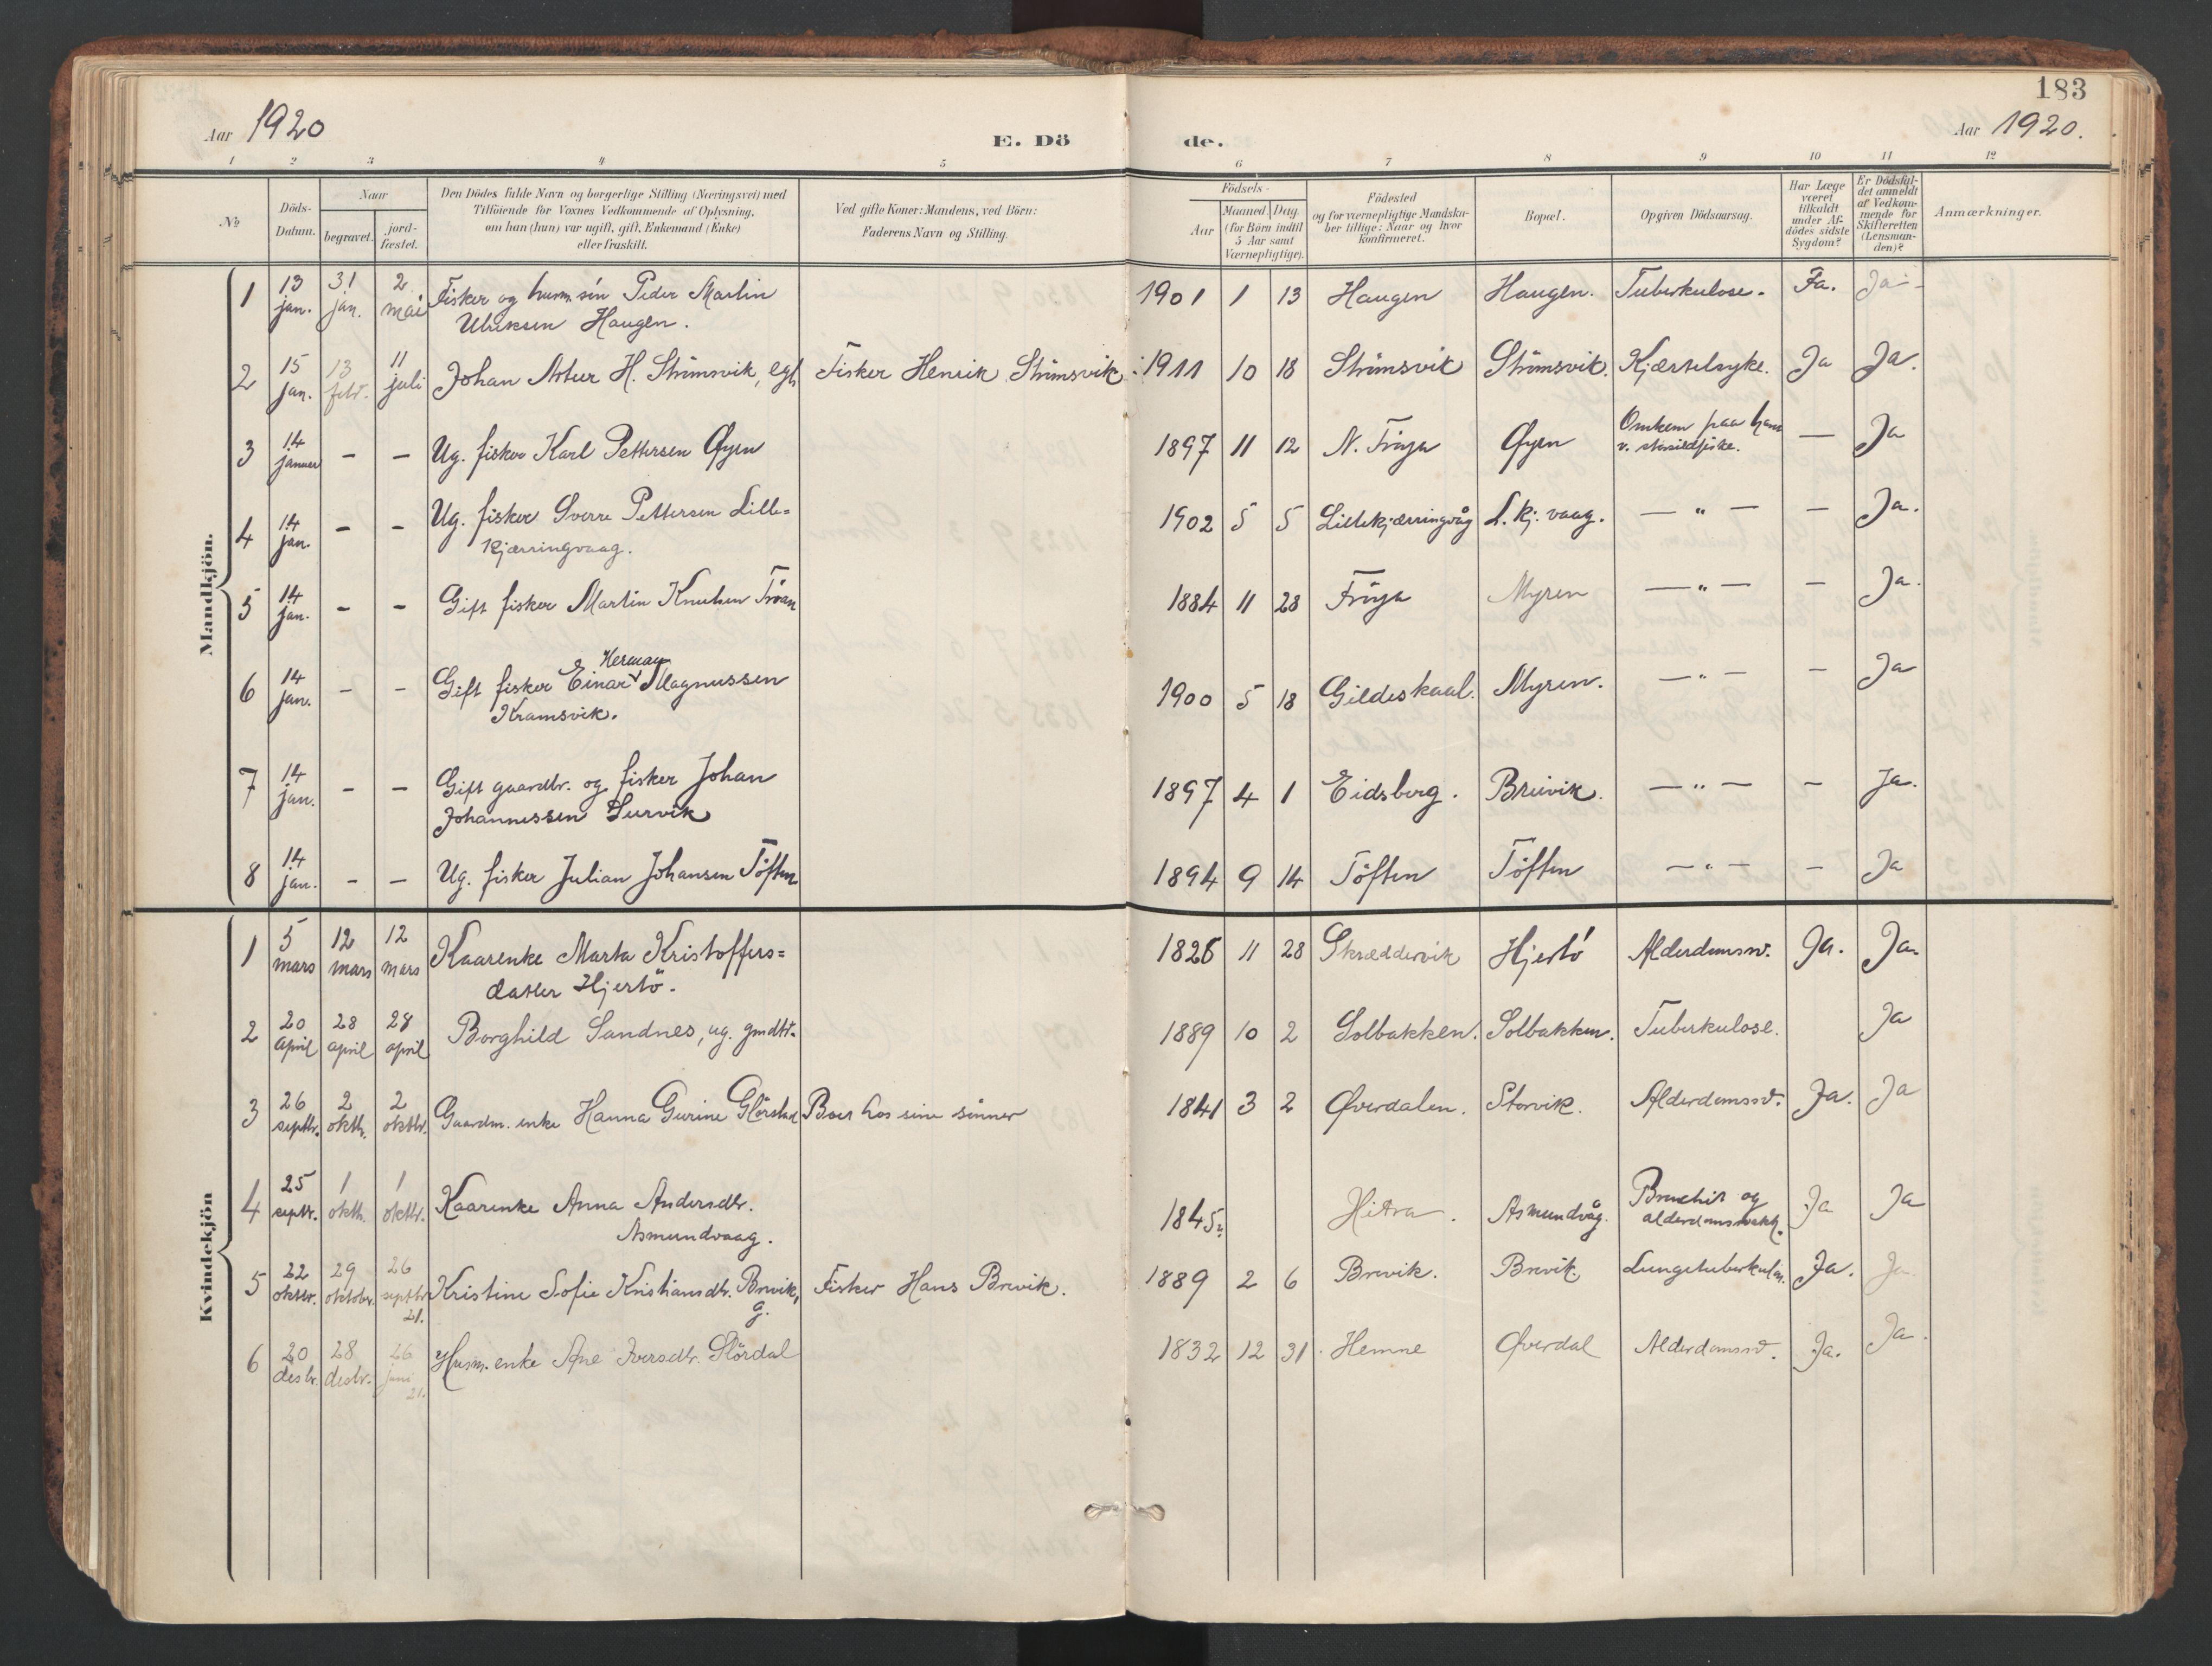 SAT, Ministerialprotokoller, klokkerbøker og fødselsregistre - Sør-Trøndelag, 634/L0537: Ministerialbok nr. 634A13, 1896-1922, s. 183